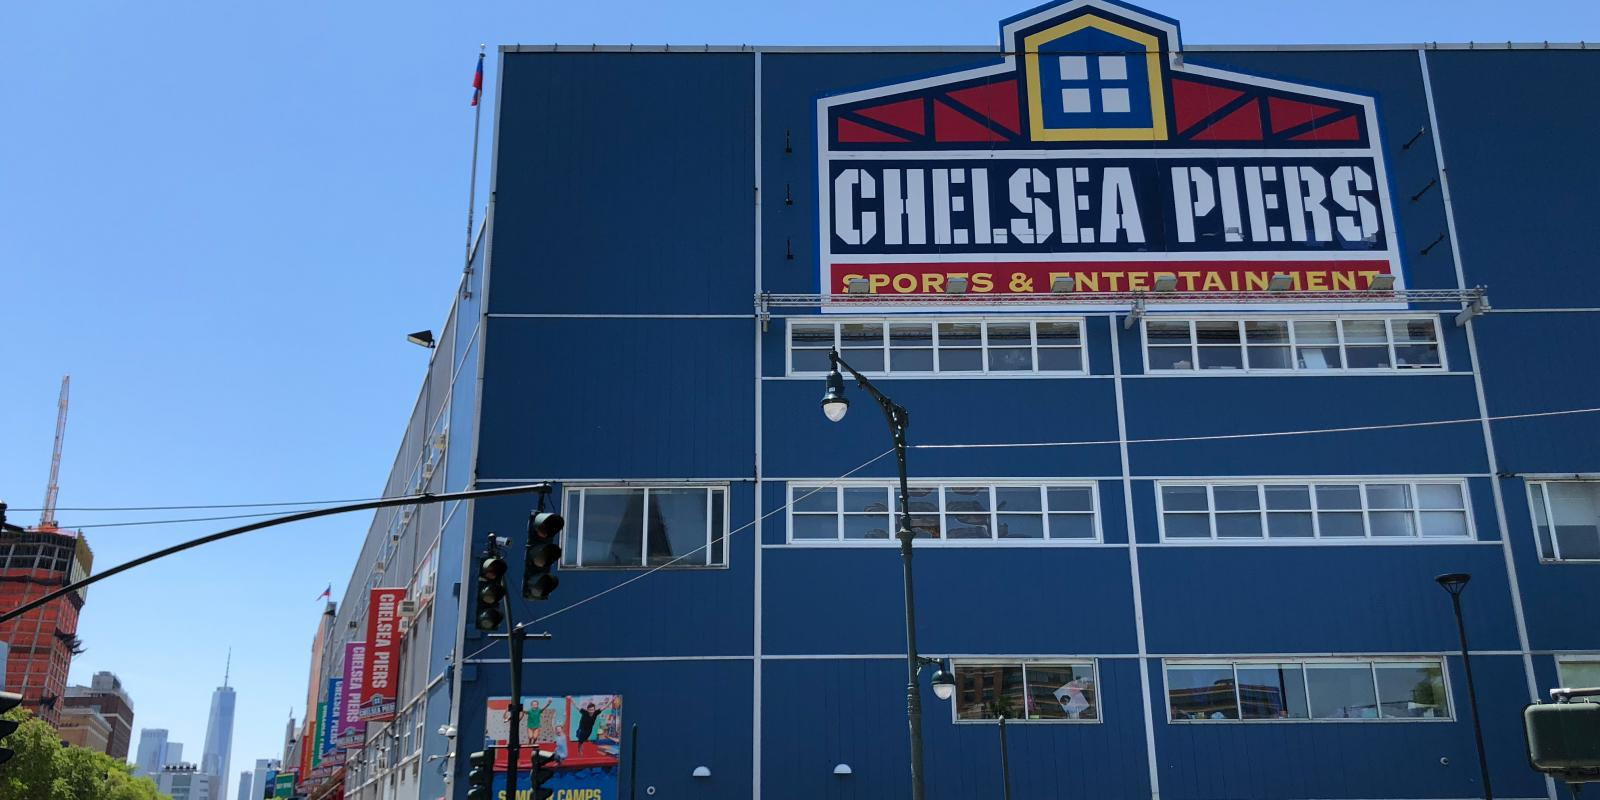 New York bei Regen: Chelsea Piers